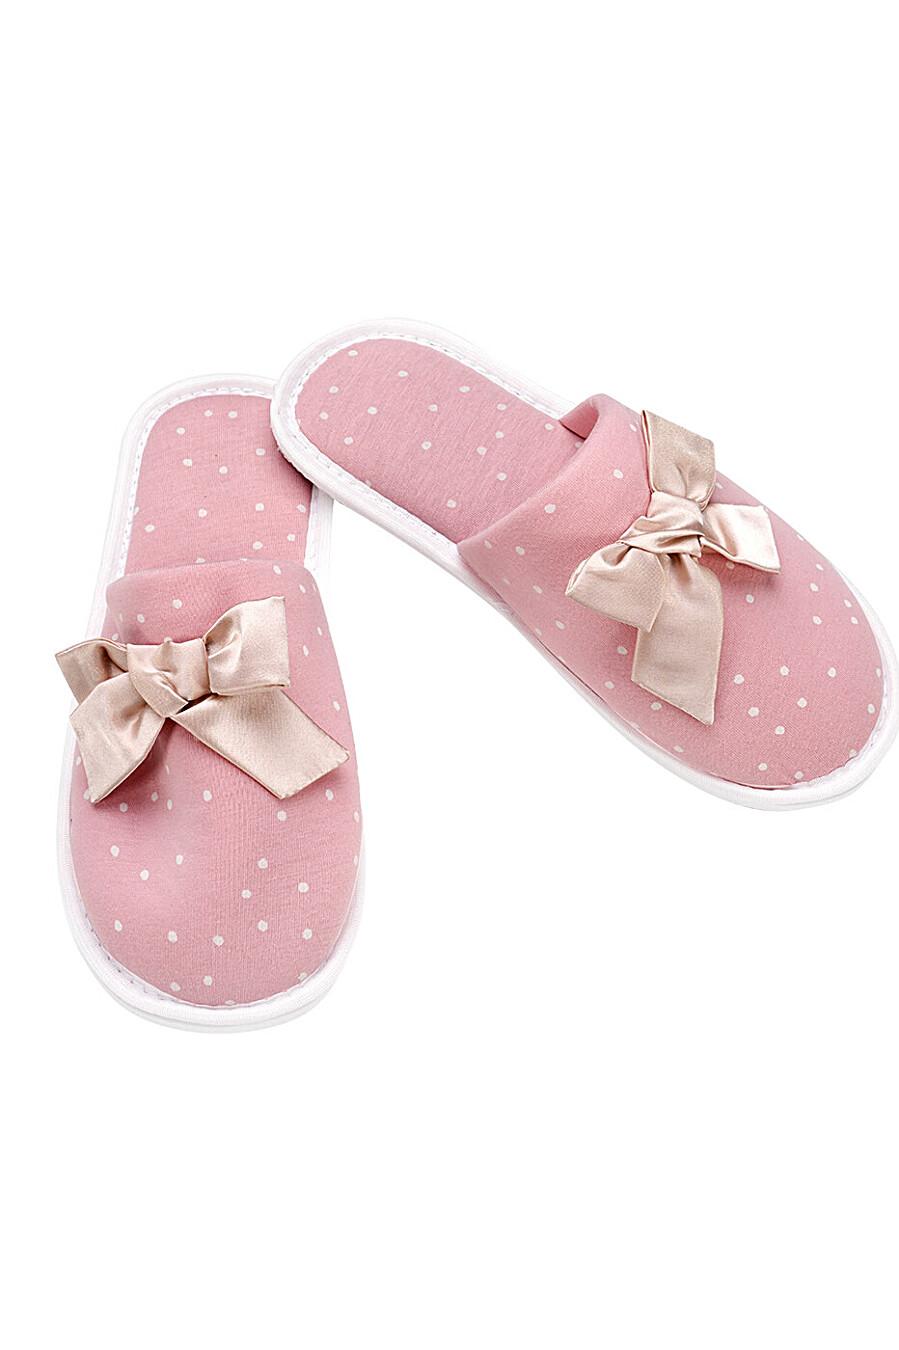 Пантолеты для женщин CLEVER 180940 купить оптом от производителя. Совместная покупка женской одежды в OptMoyo